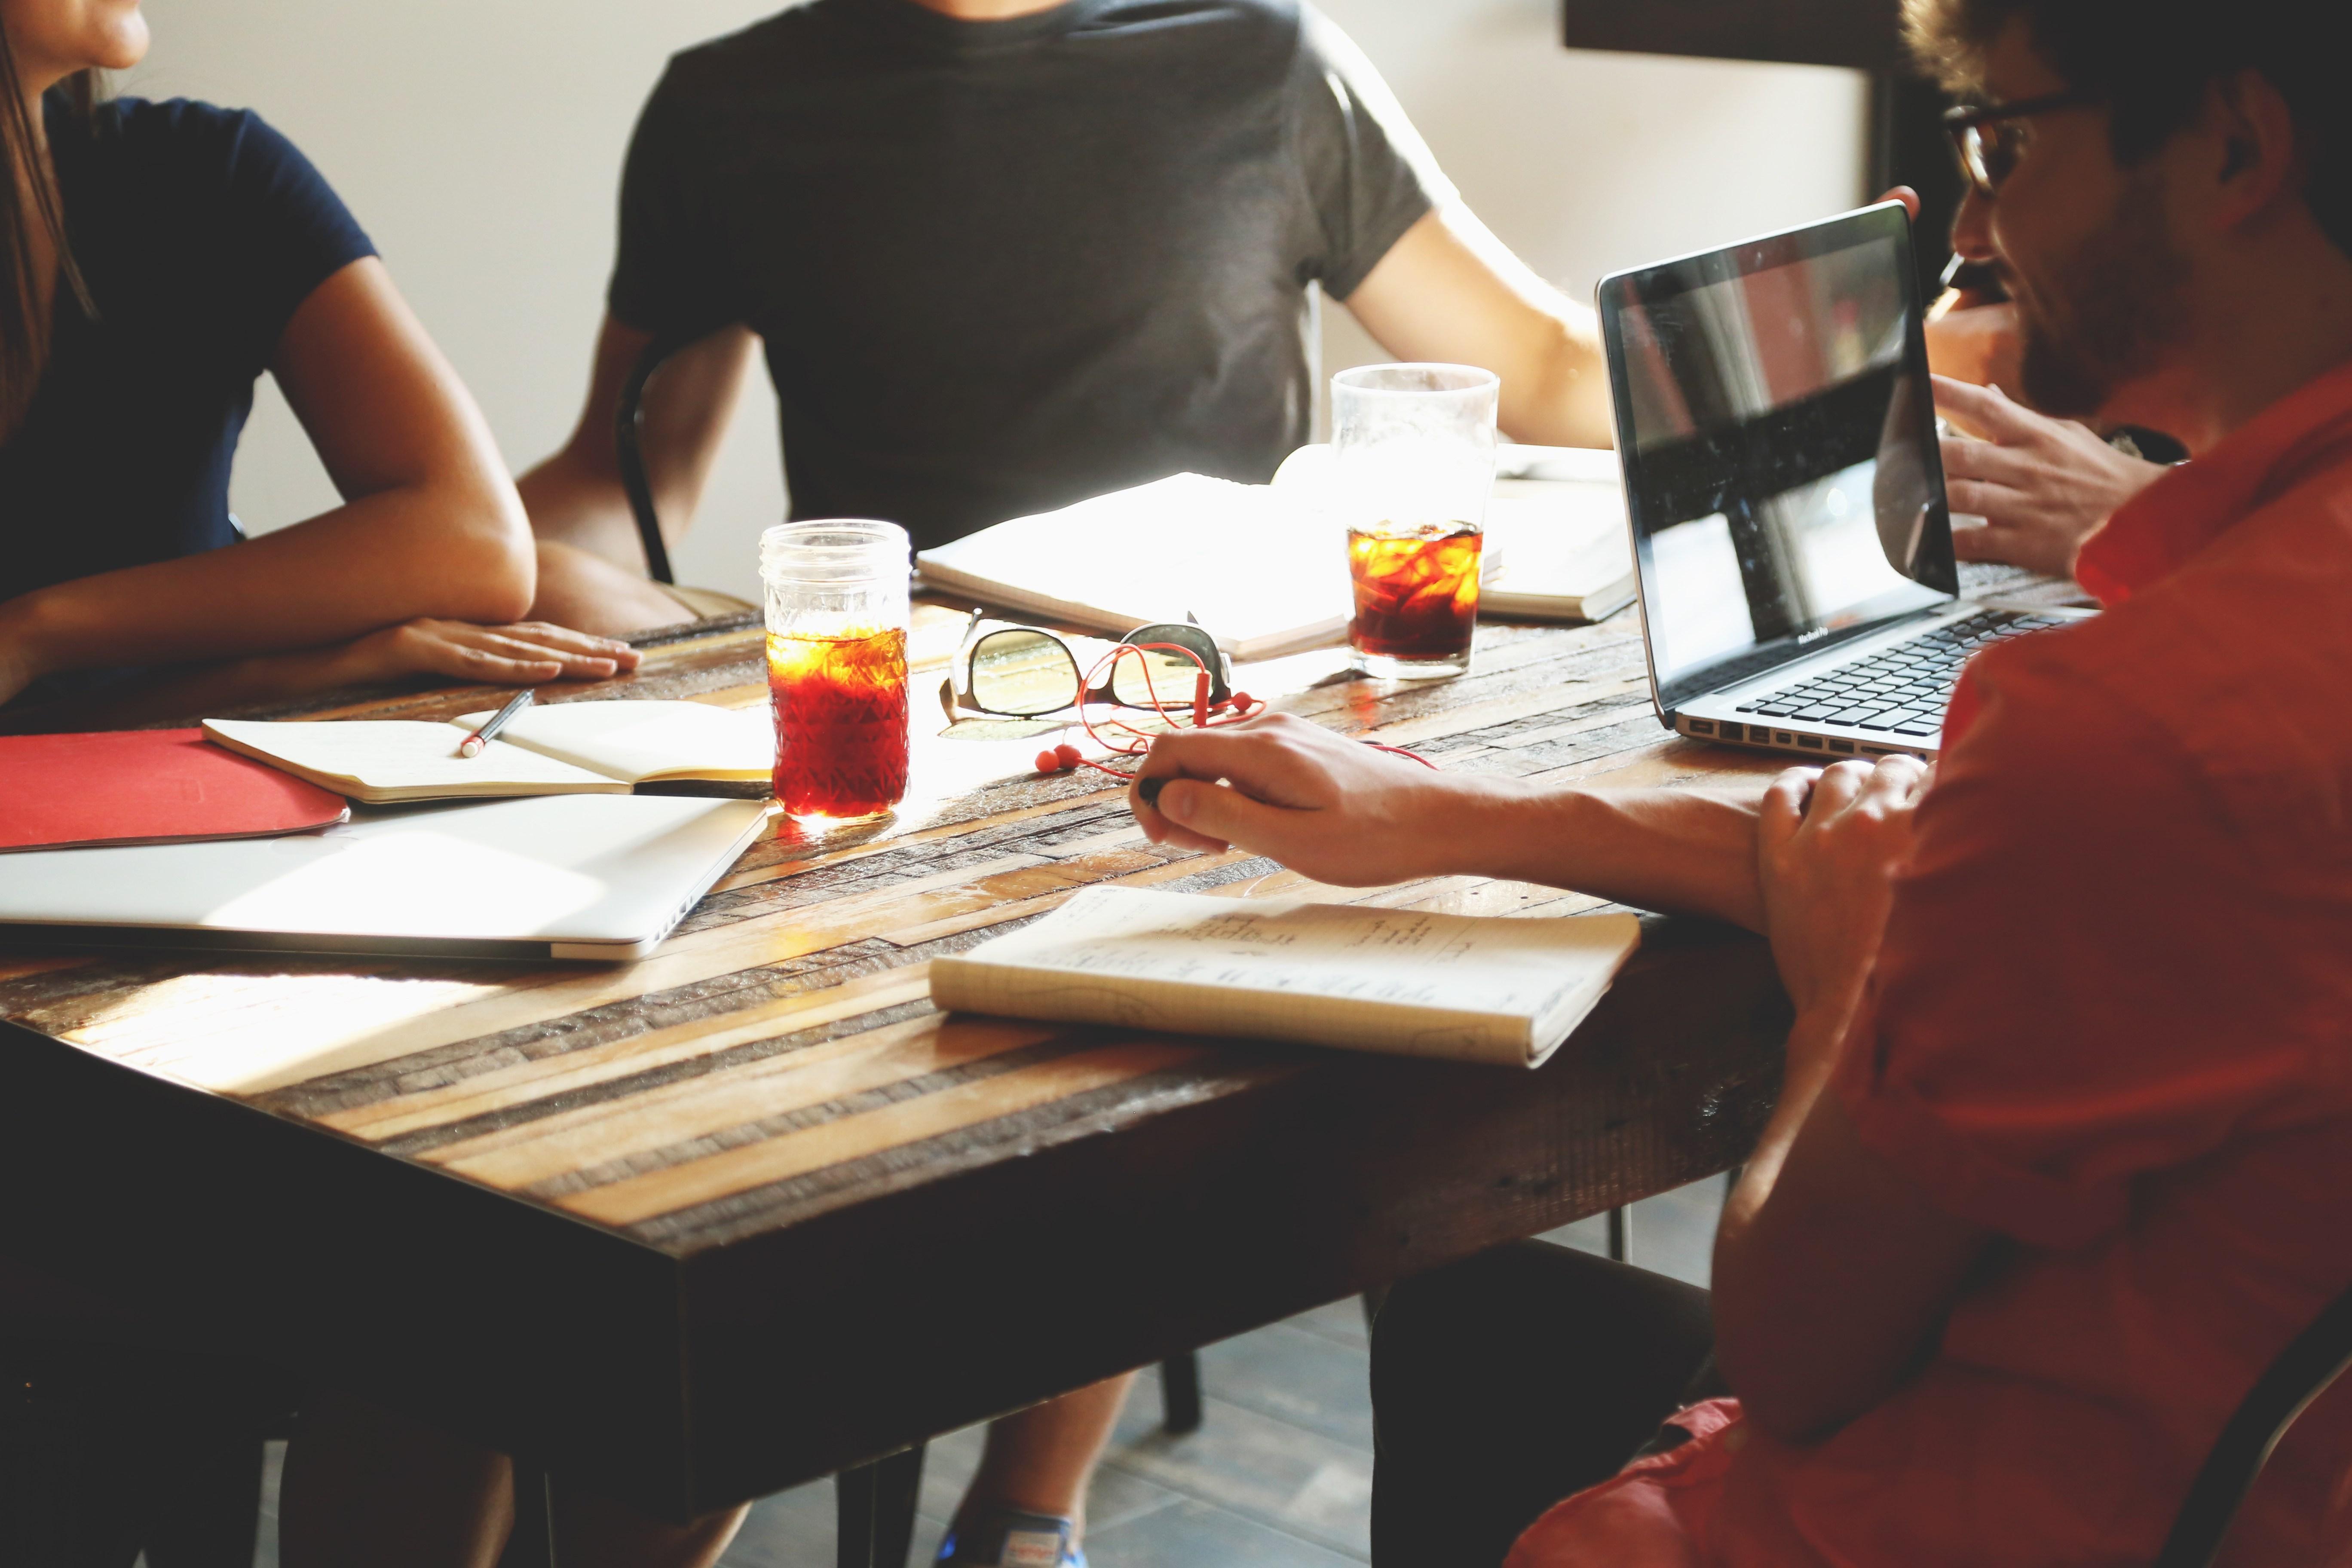 bildmotiv-fuer-investoren-start-ups-besprechungstisch-mit-jungen-maennern-an-laptops-und-erfrischungsgetraenken-auf-dem-tisch-thought-leader-systems